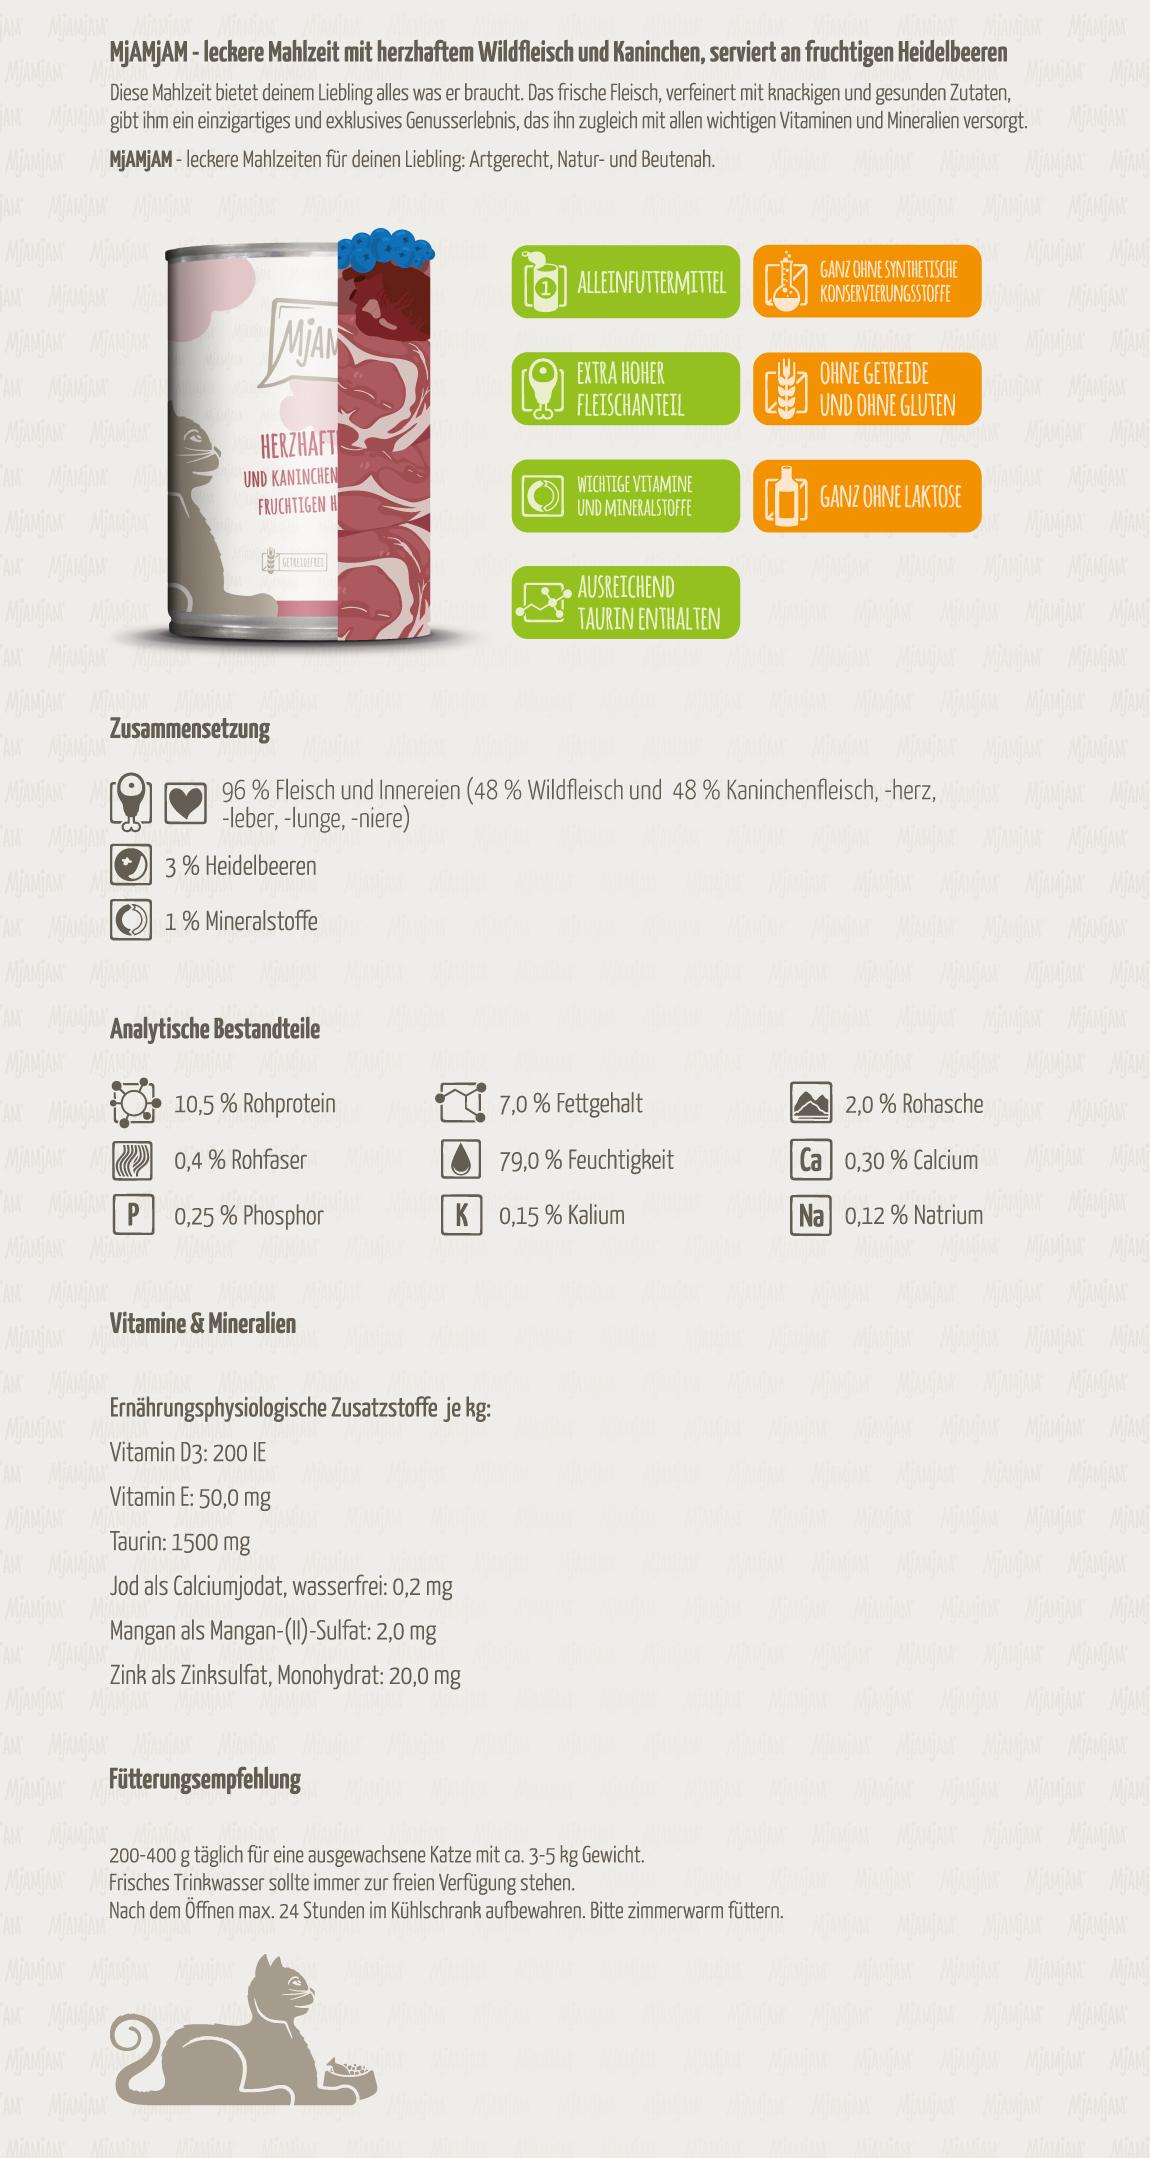 Mjamjam_Produktbeschreibung_Katze_Herzhaftes-Wildfleisch-und-Kaninchen3FUz3tVPHugBn